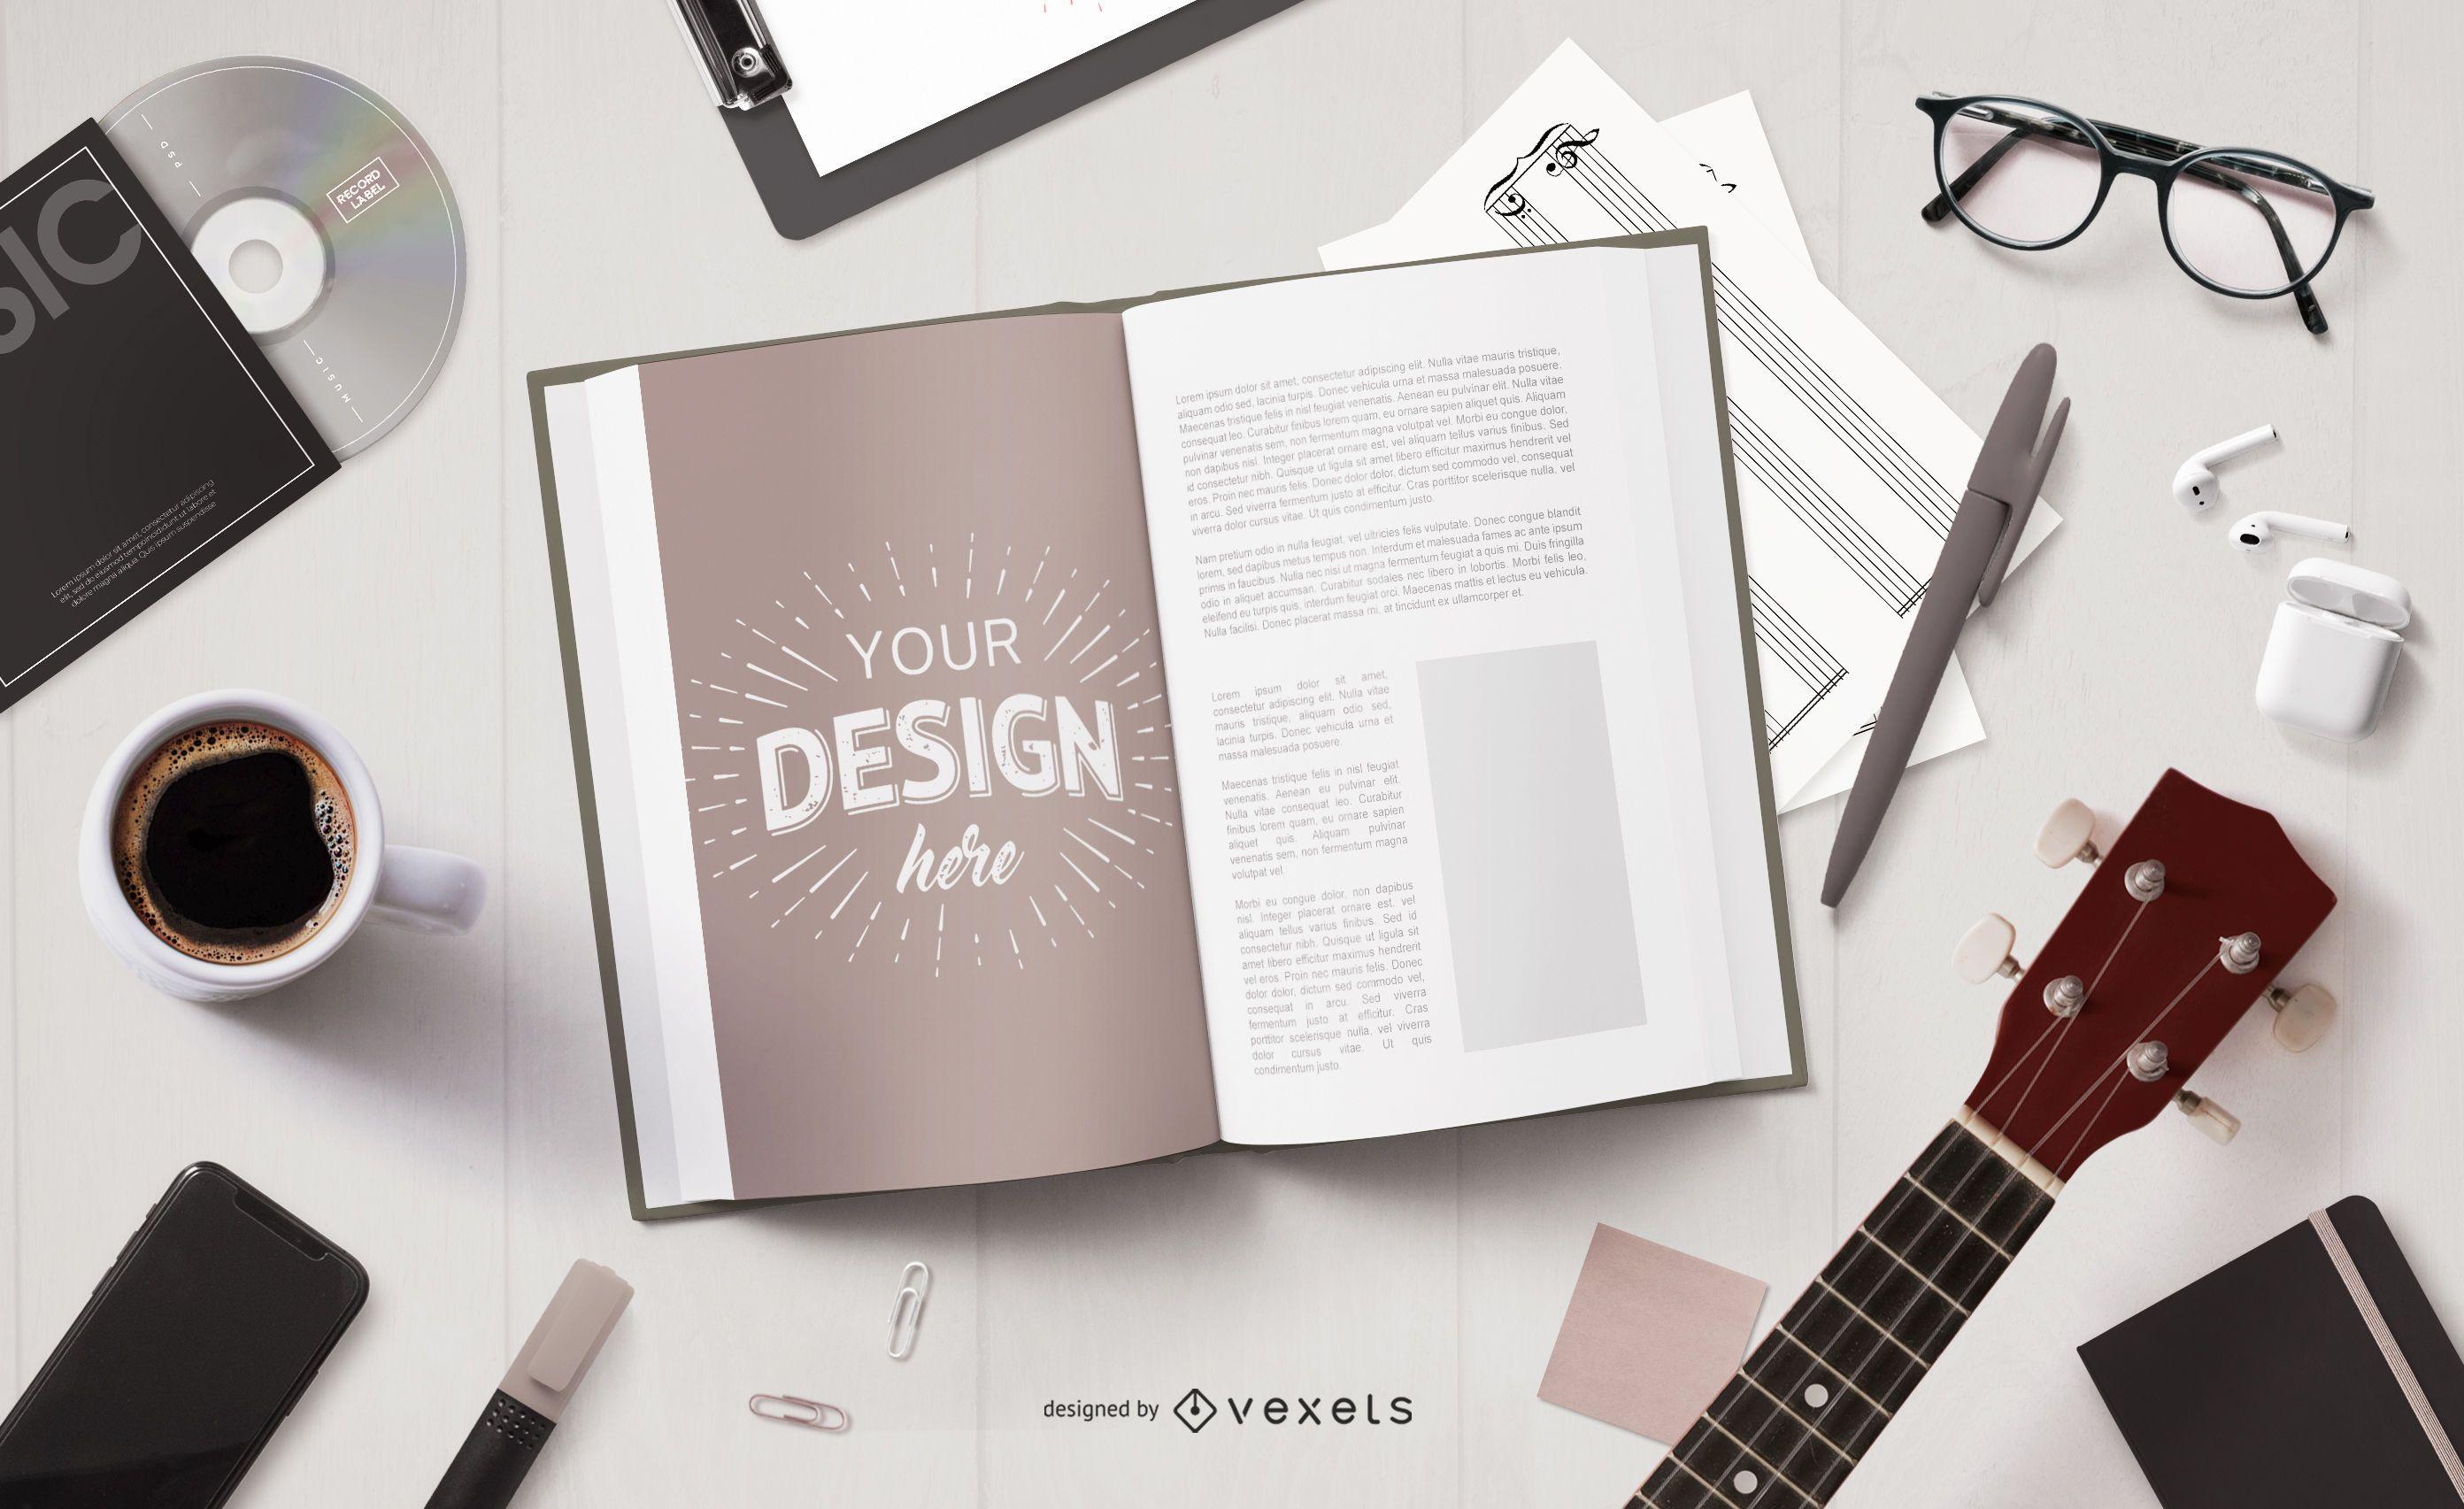 Maqueta de la página del libro de elementos musicales